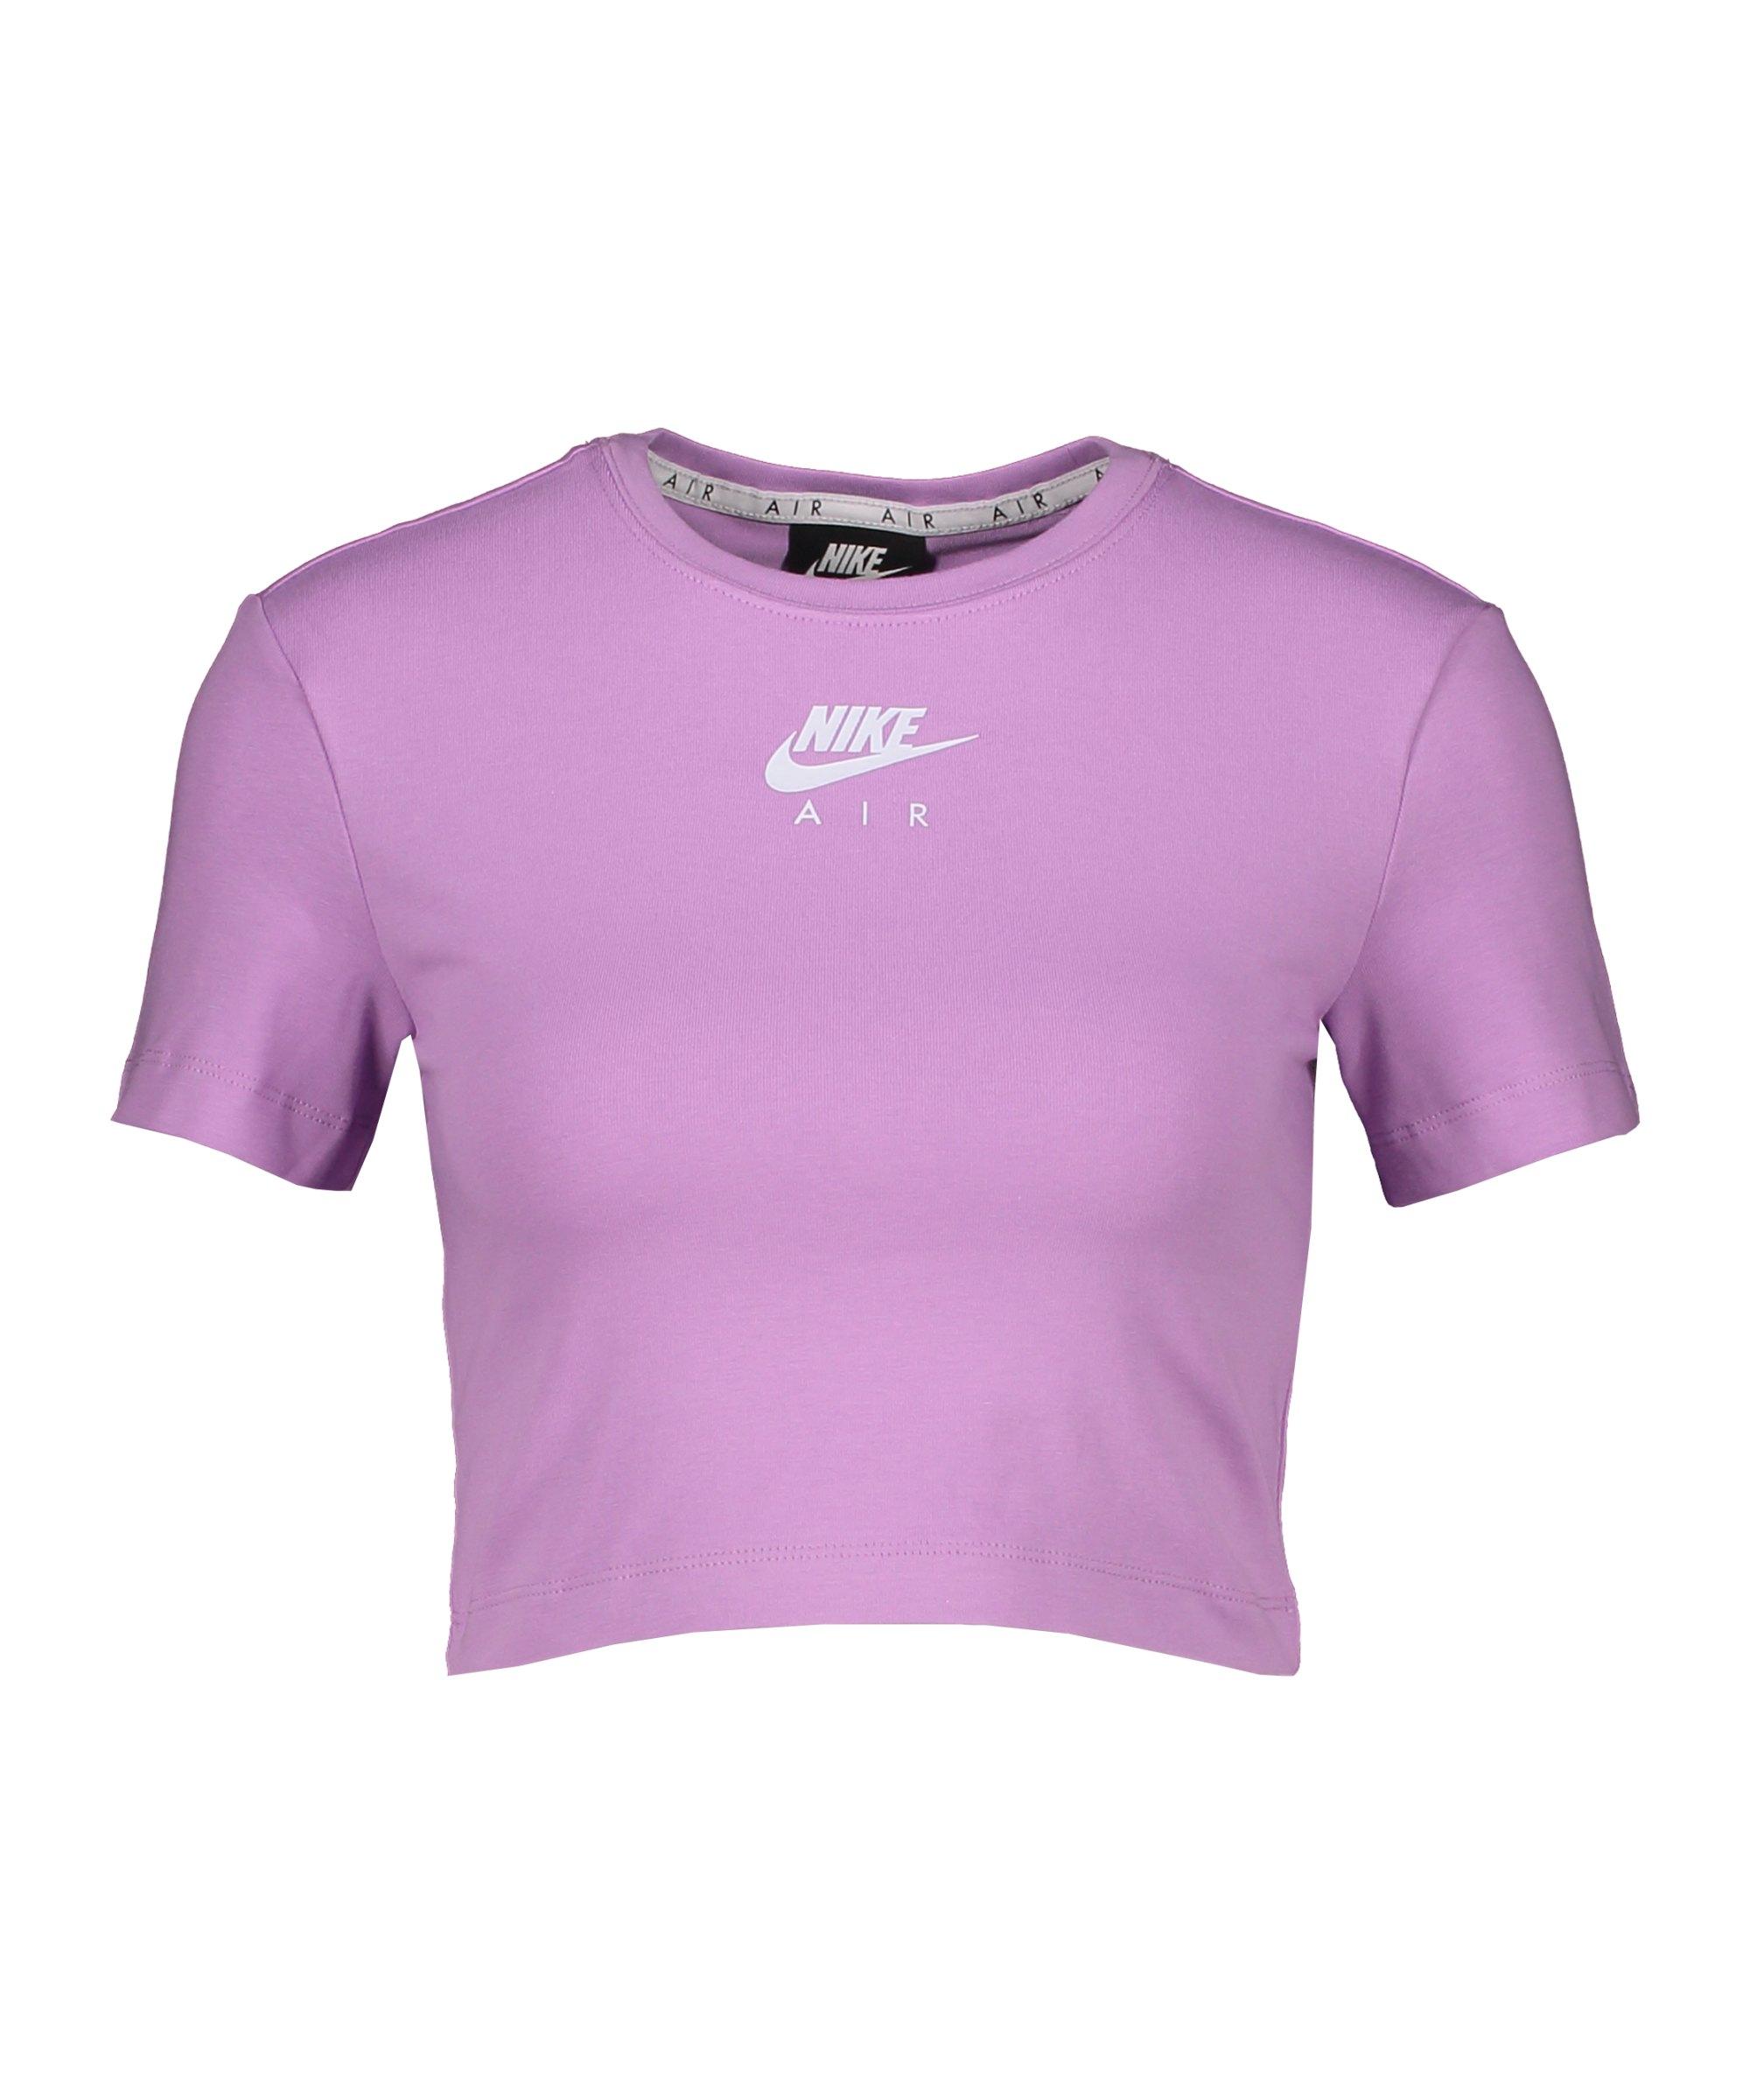 Nike Air Crop T-Shirt Damen Lila Weiss F591 - lila